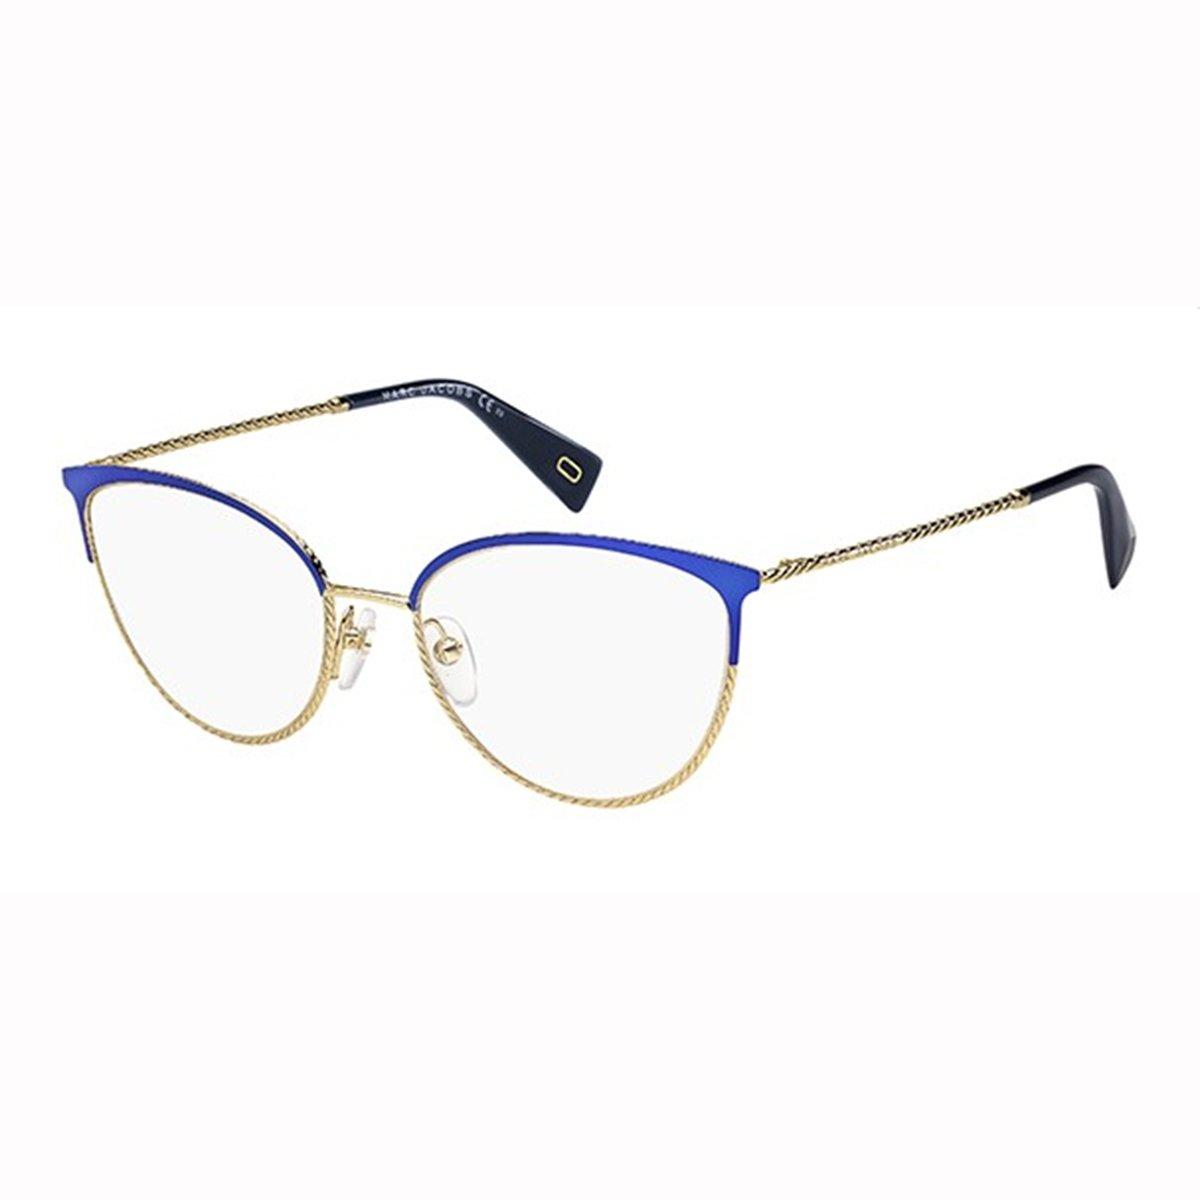 Compre Óculos de Grau Marc Jacobs em 10X   Tri-Jóia Shop 5fd84426c6